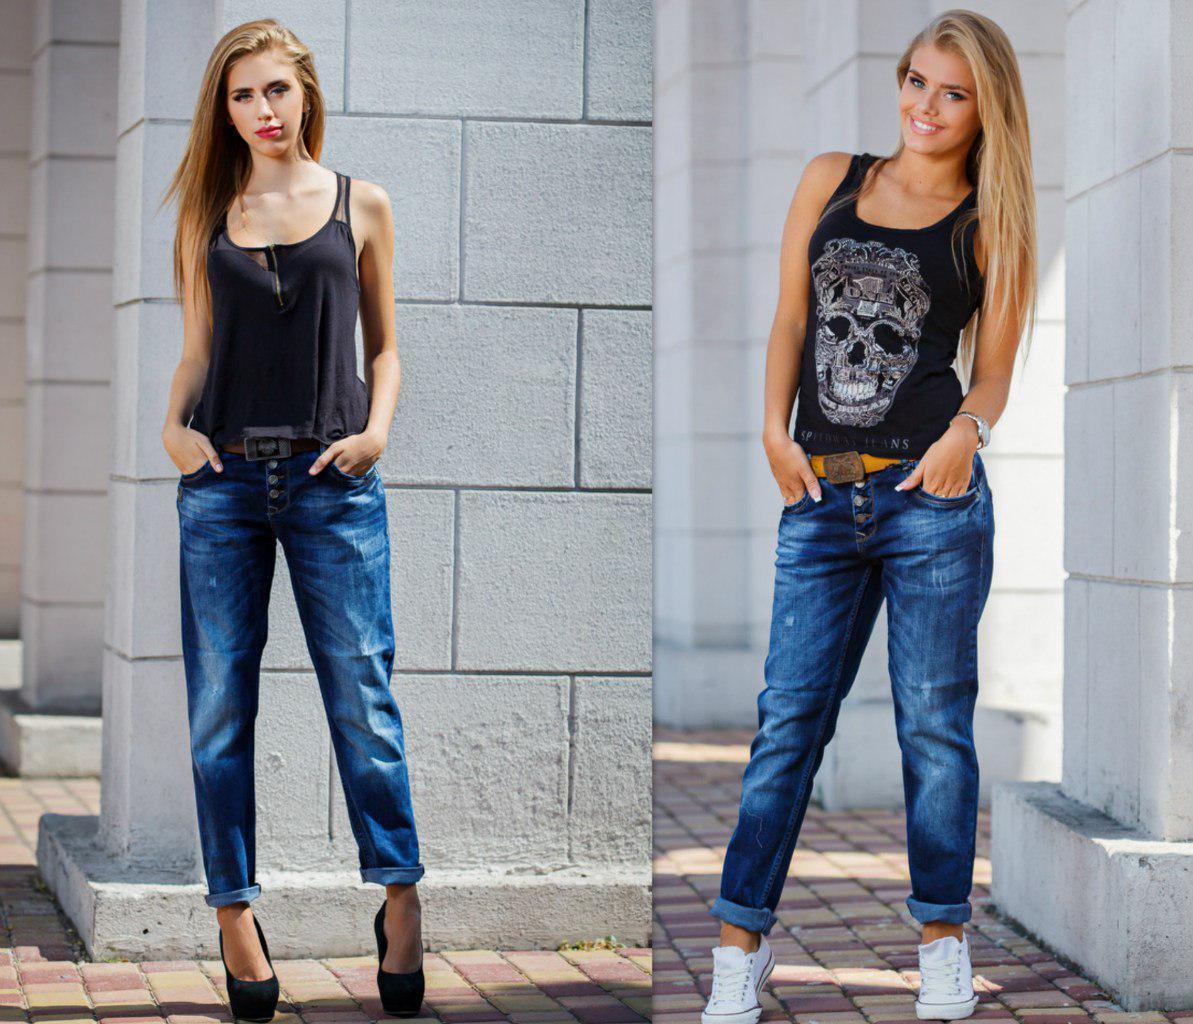 image21-36 | Модные женские джинсы сезона 2018